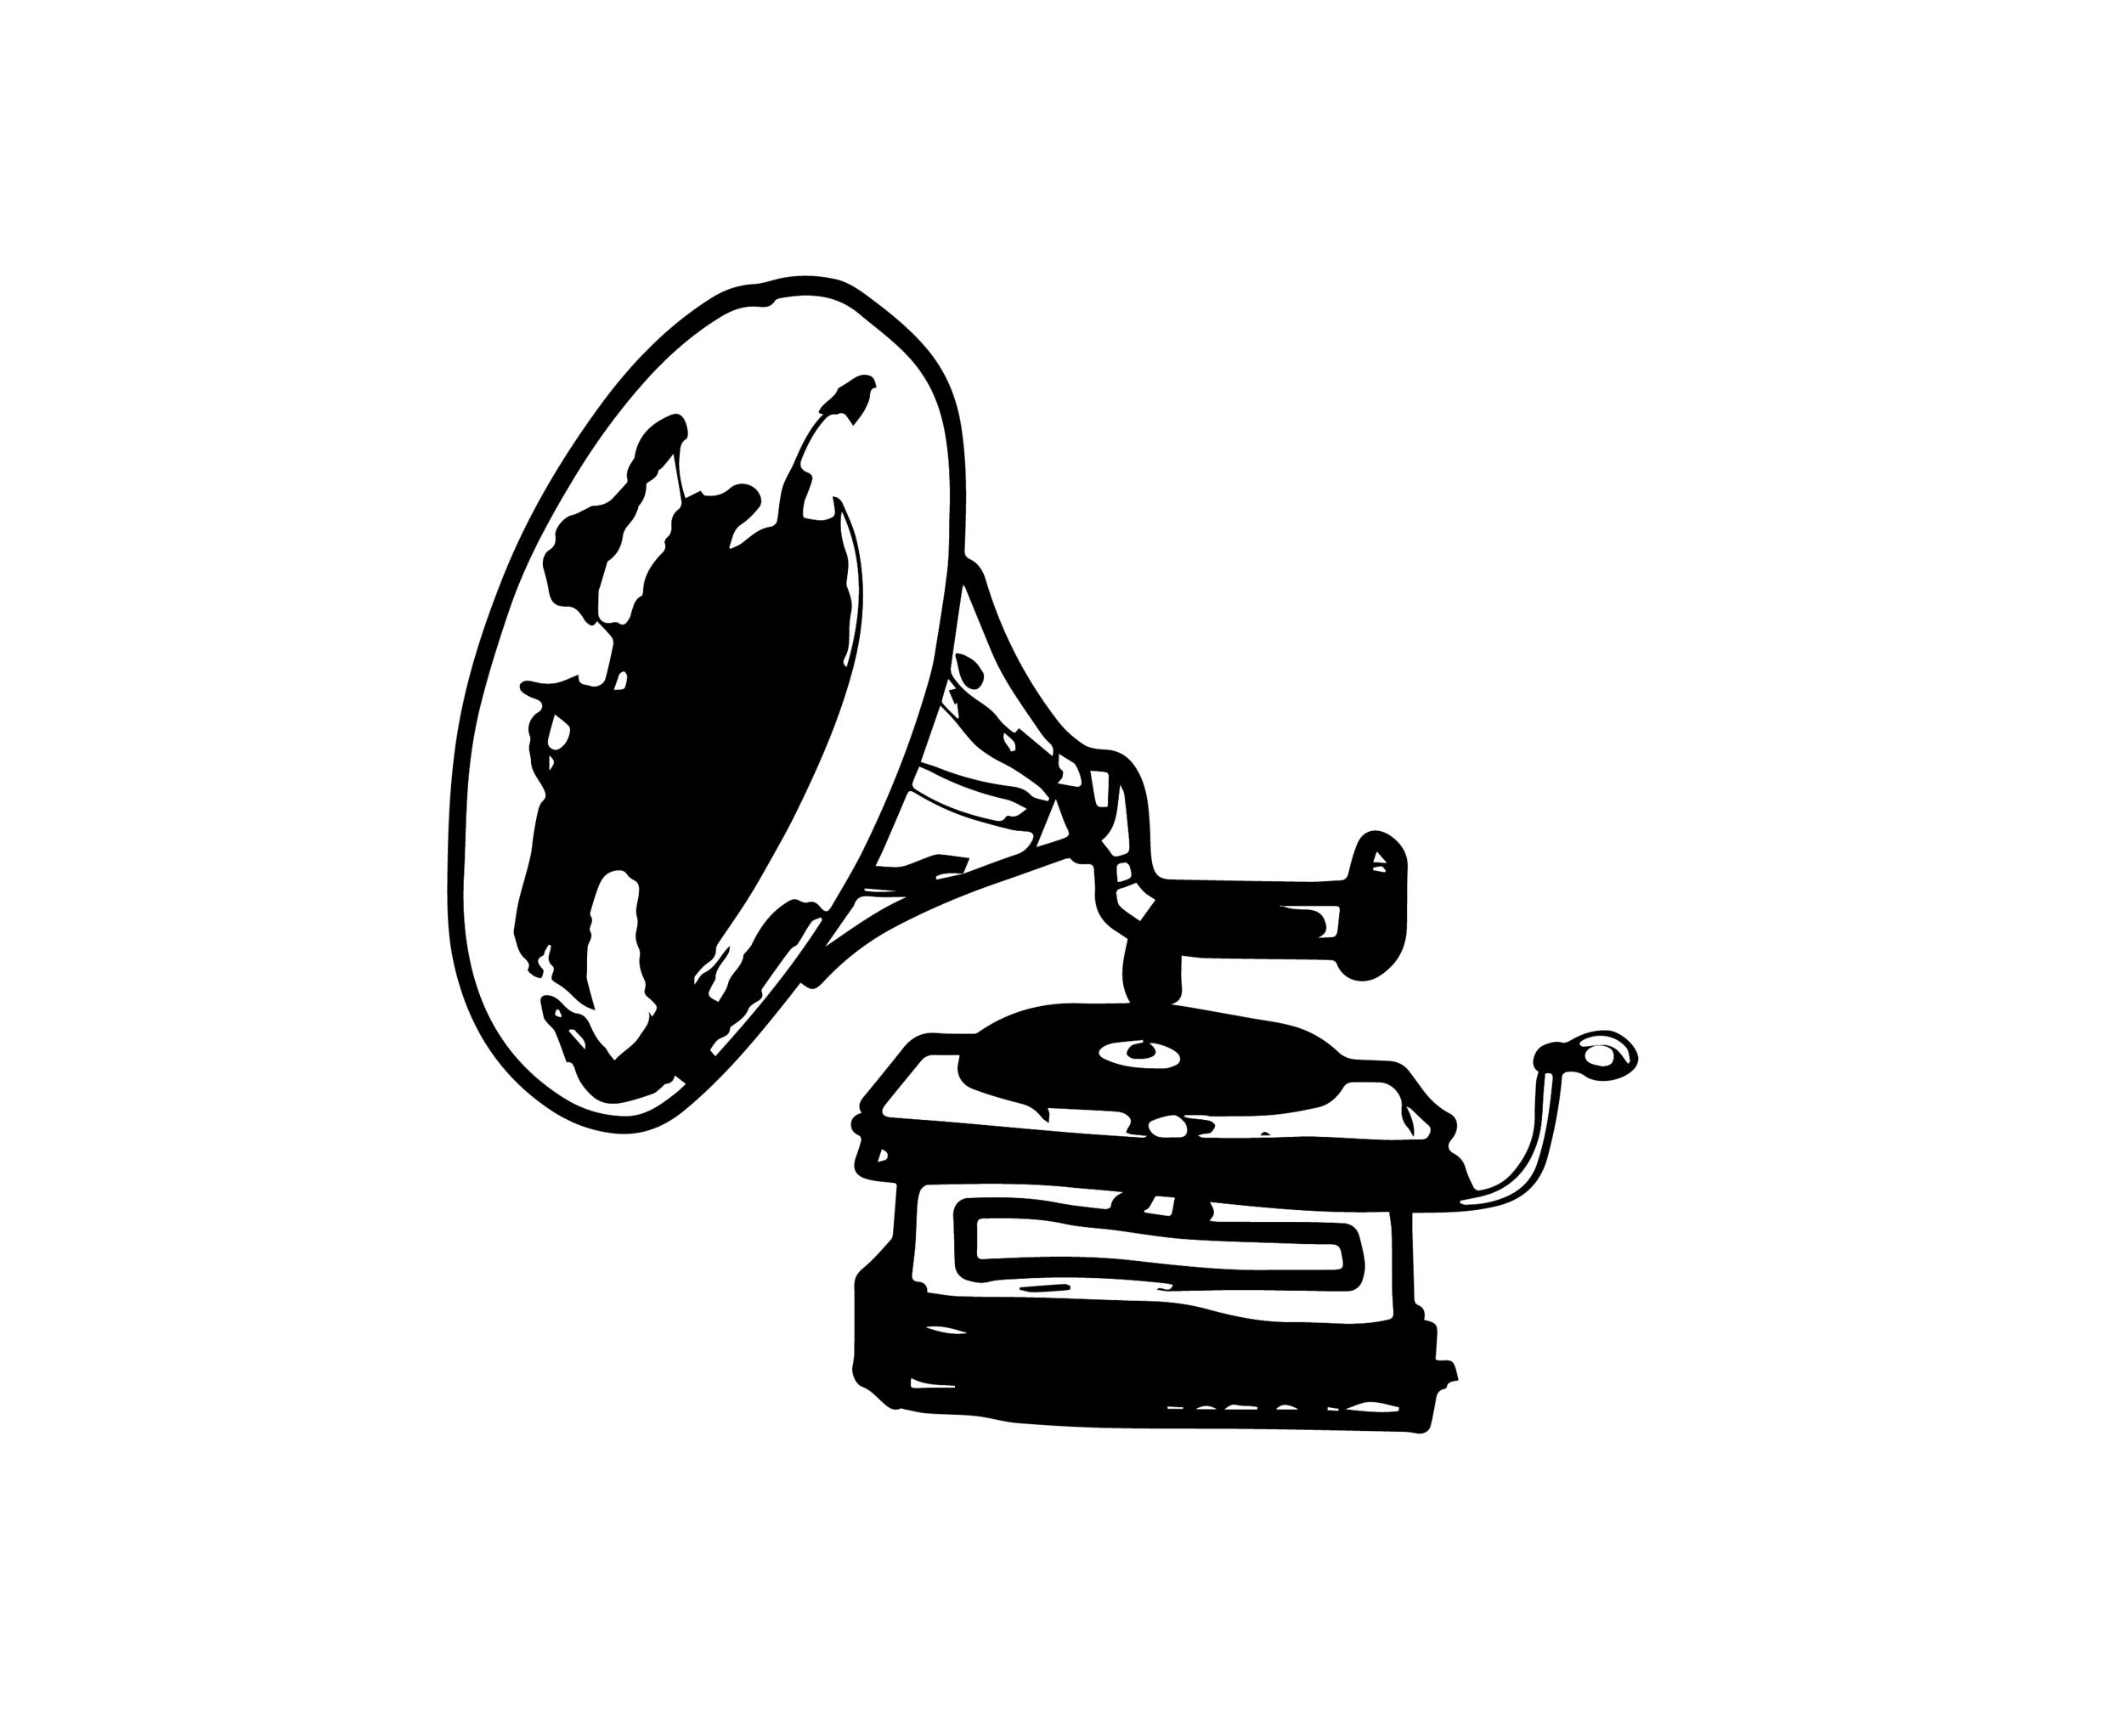 gramophone@4x.png